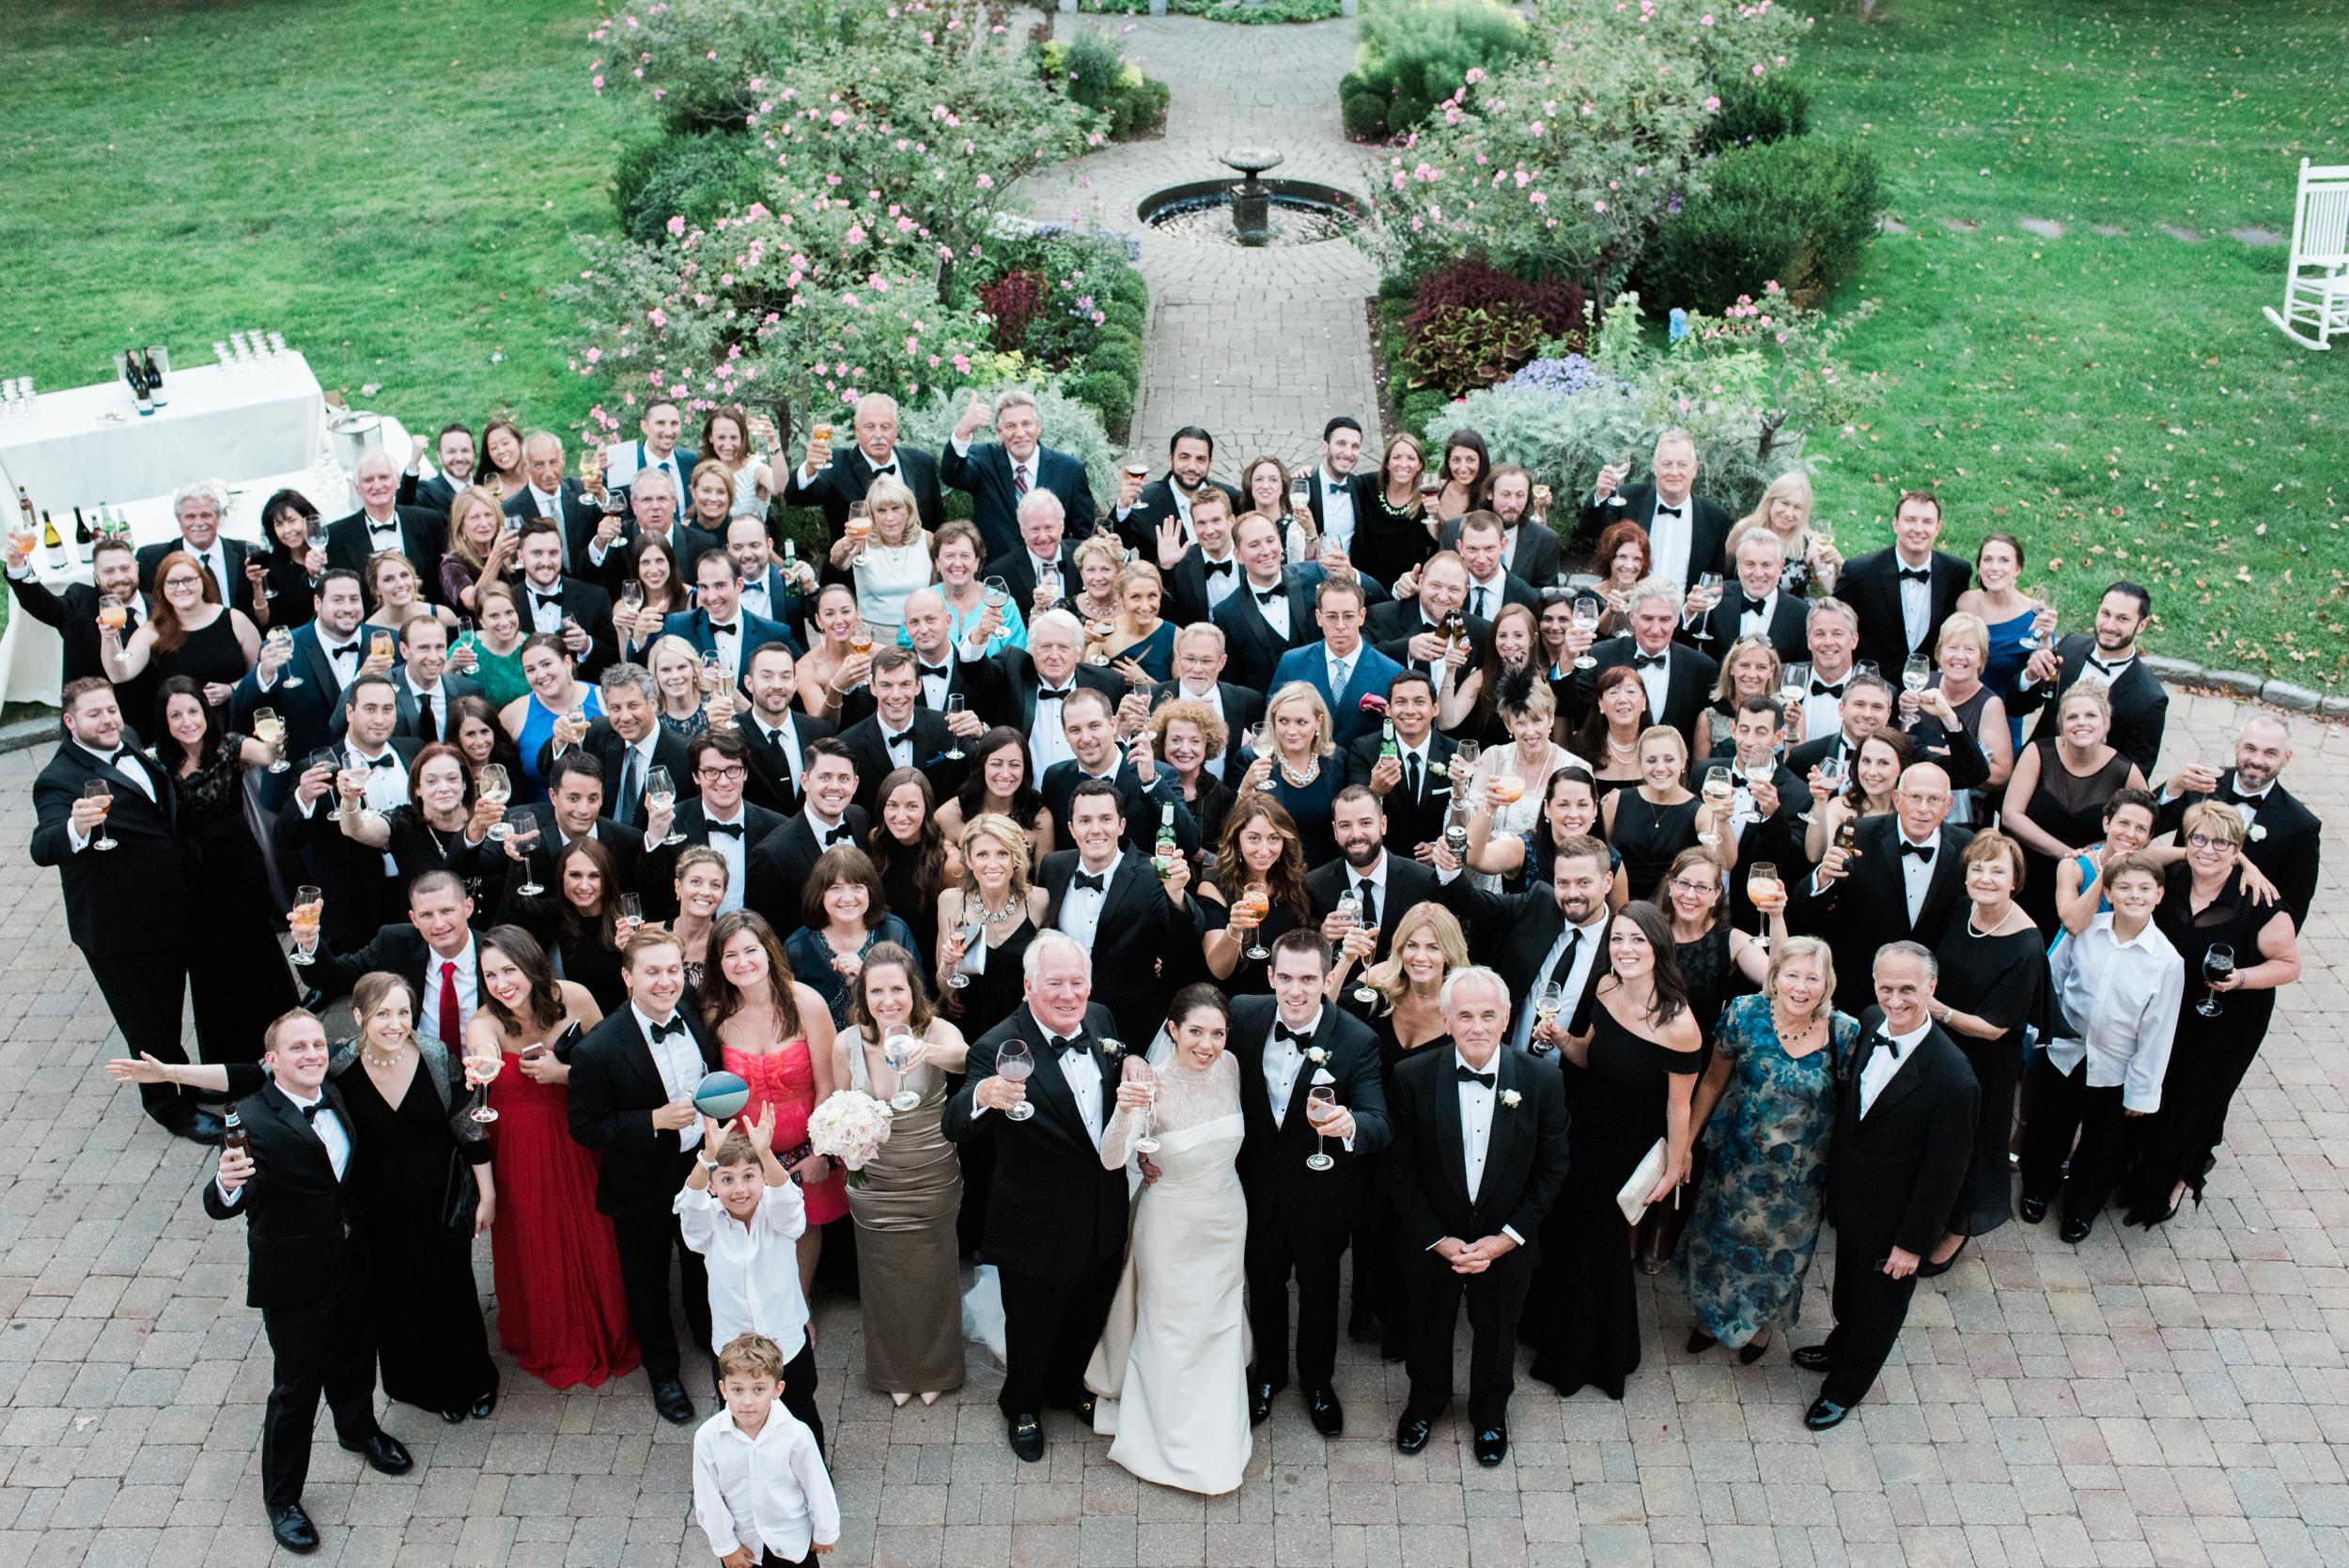 Northampton MA Weddings